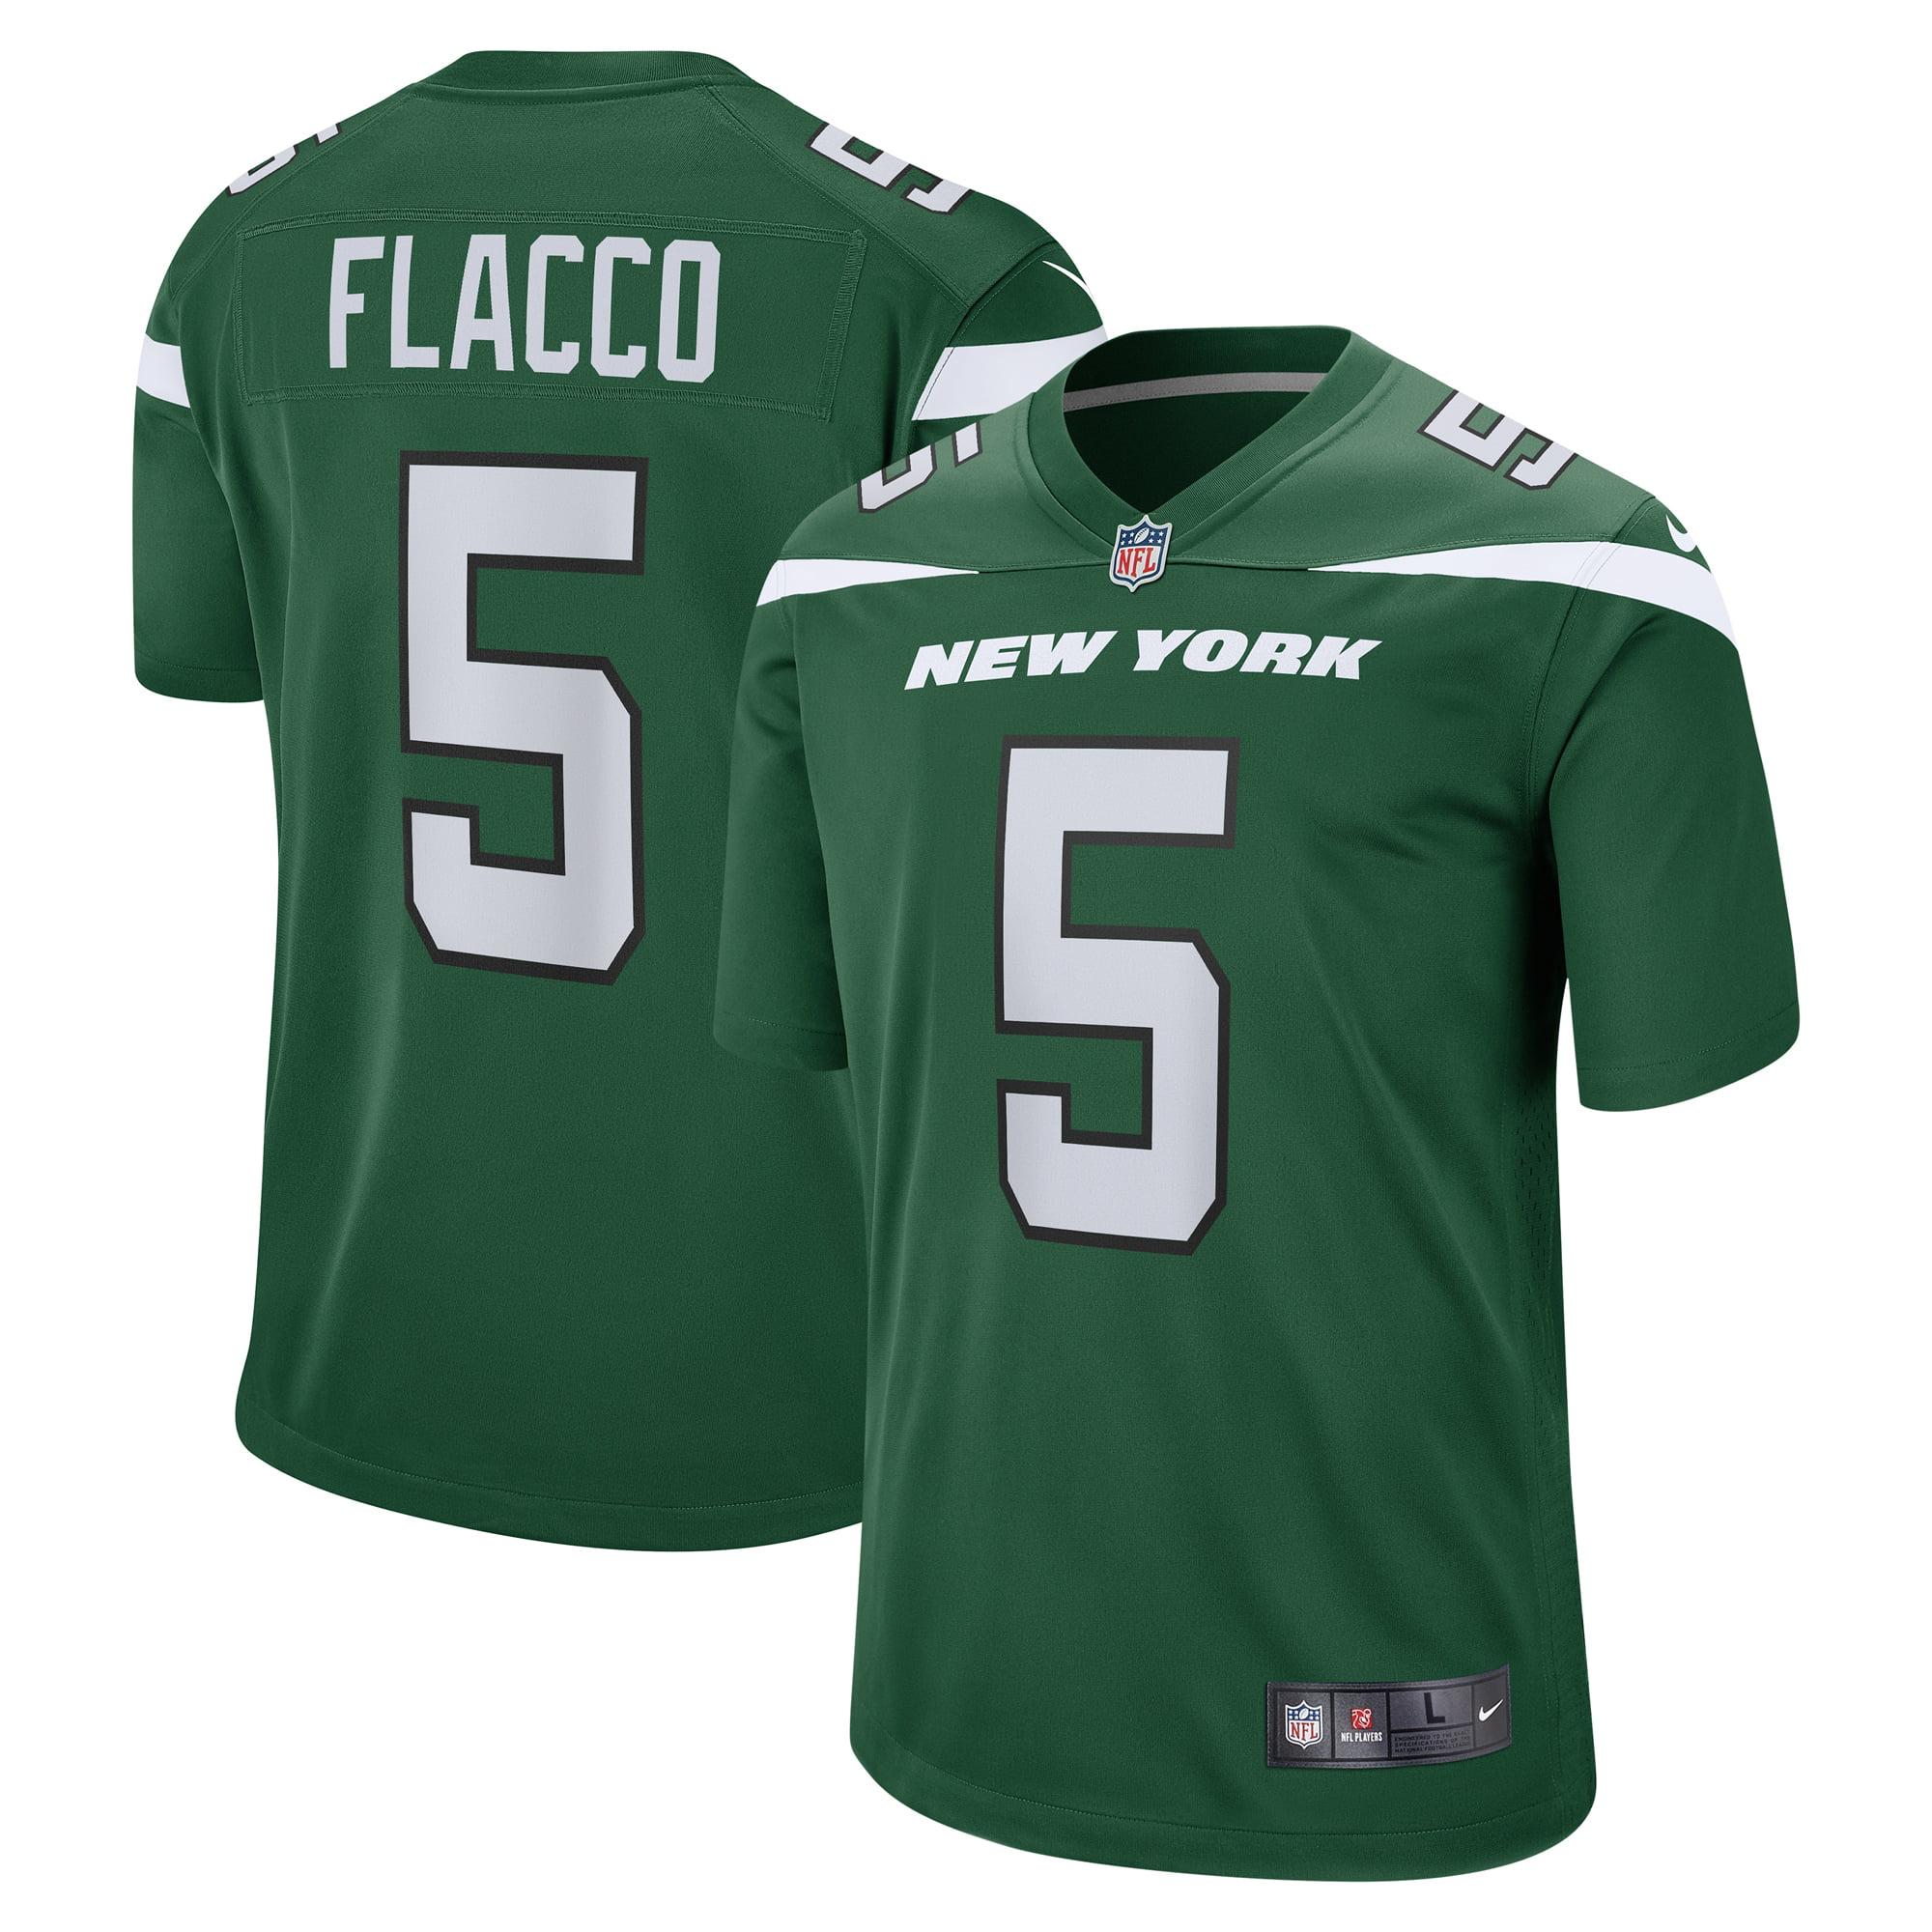 Joe Flacco New York Jets Nike Game Jersey - Gotham Green - Walmart.com